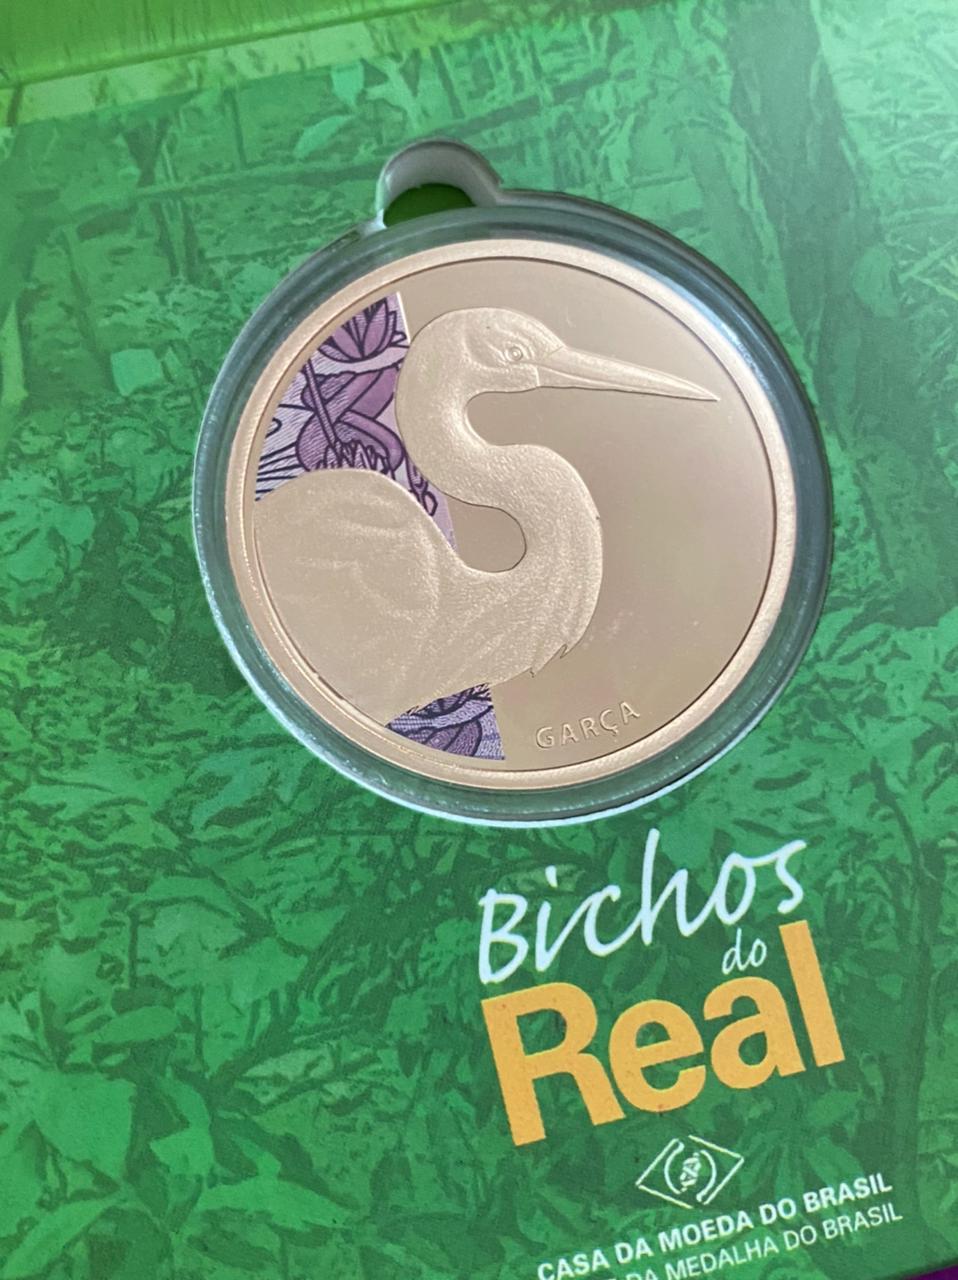 Medalha de Bronze Bichos do Real Garça-Branca-Grande (Oficial da Casa da Moeda do Brasil)